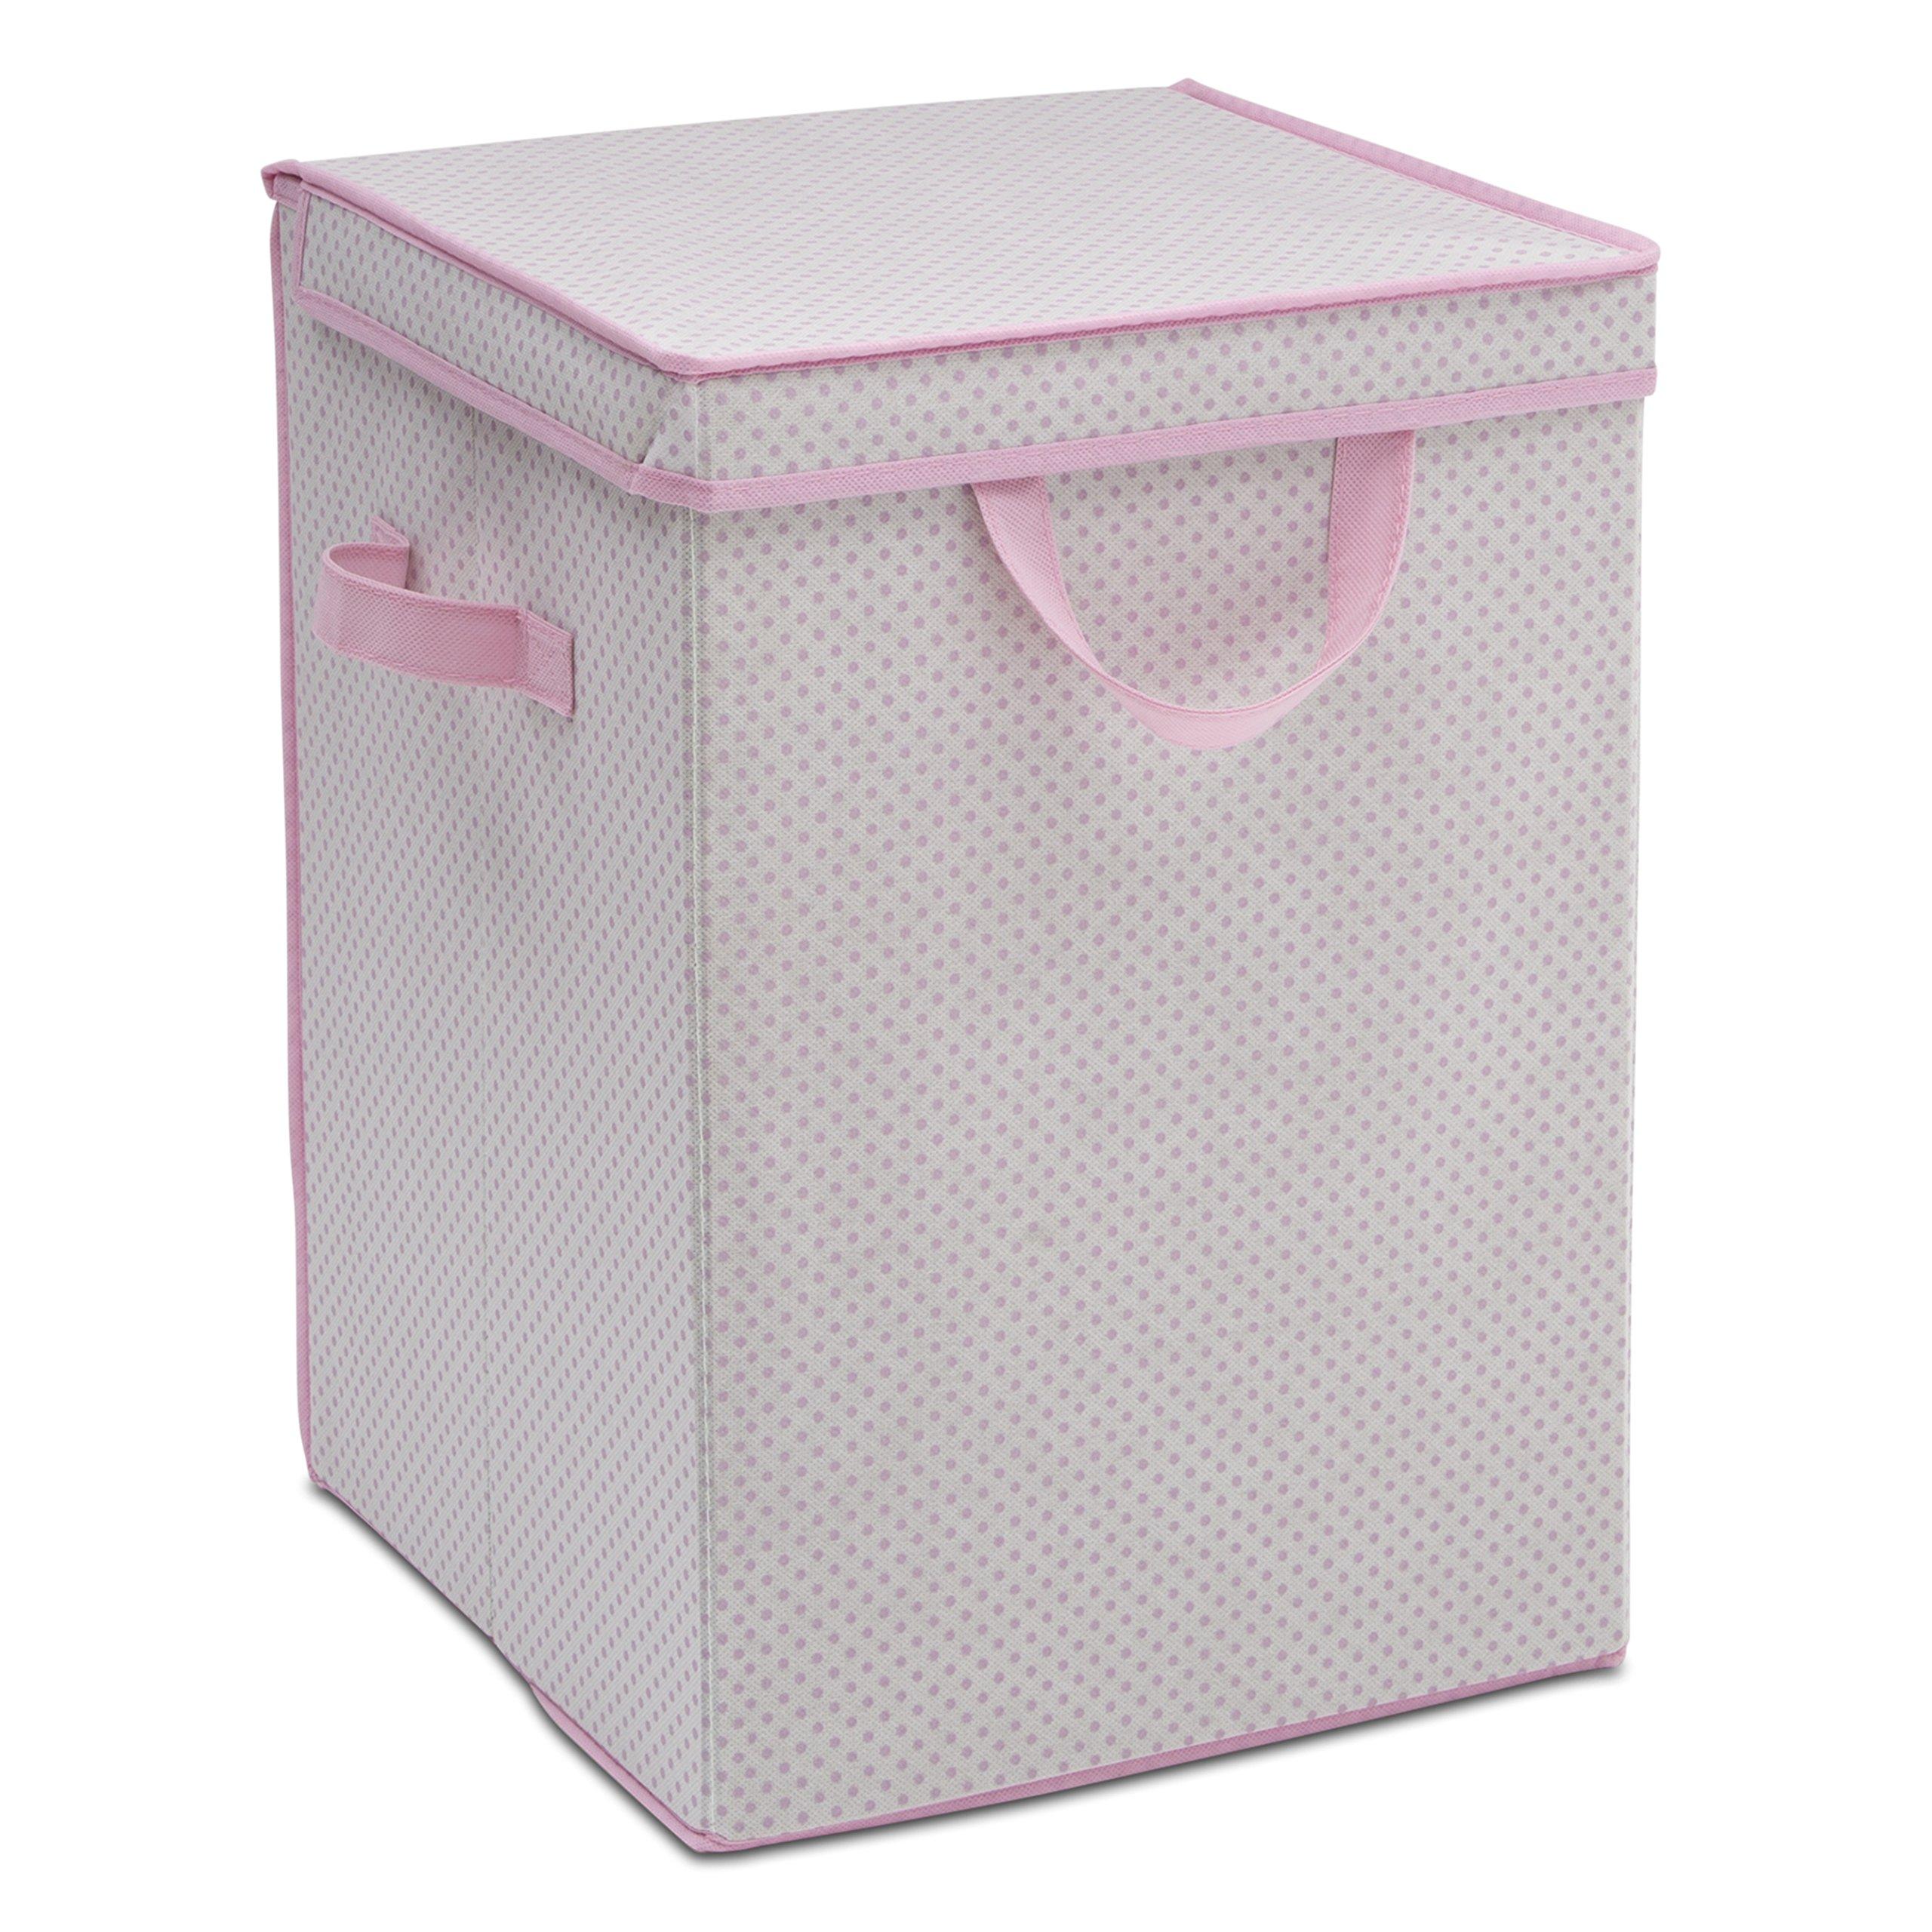 Delta Children Compact Nursery Hamper, Infinity Pink